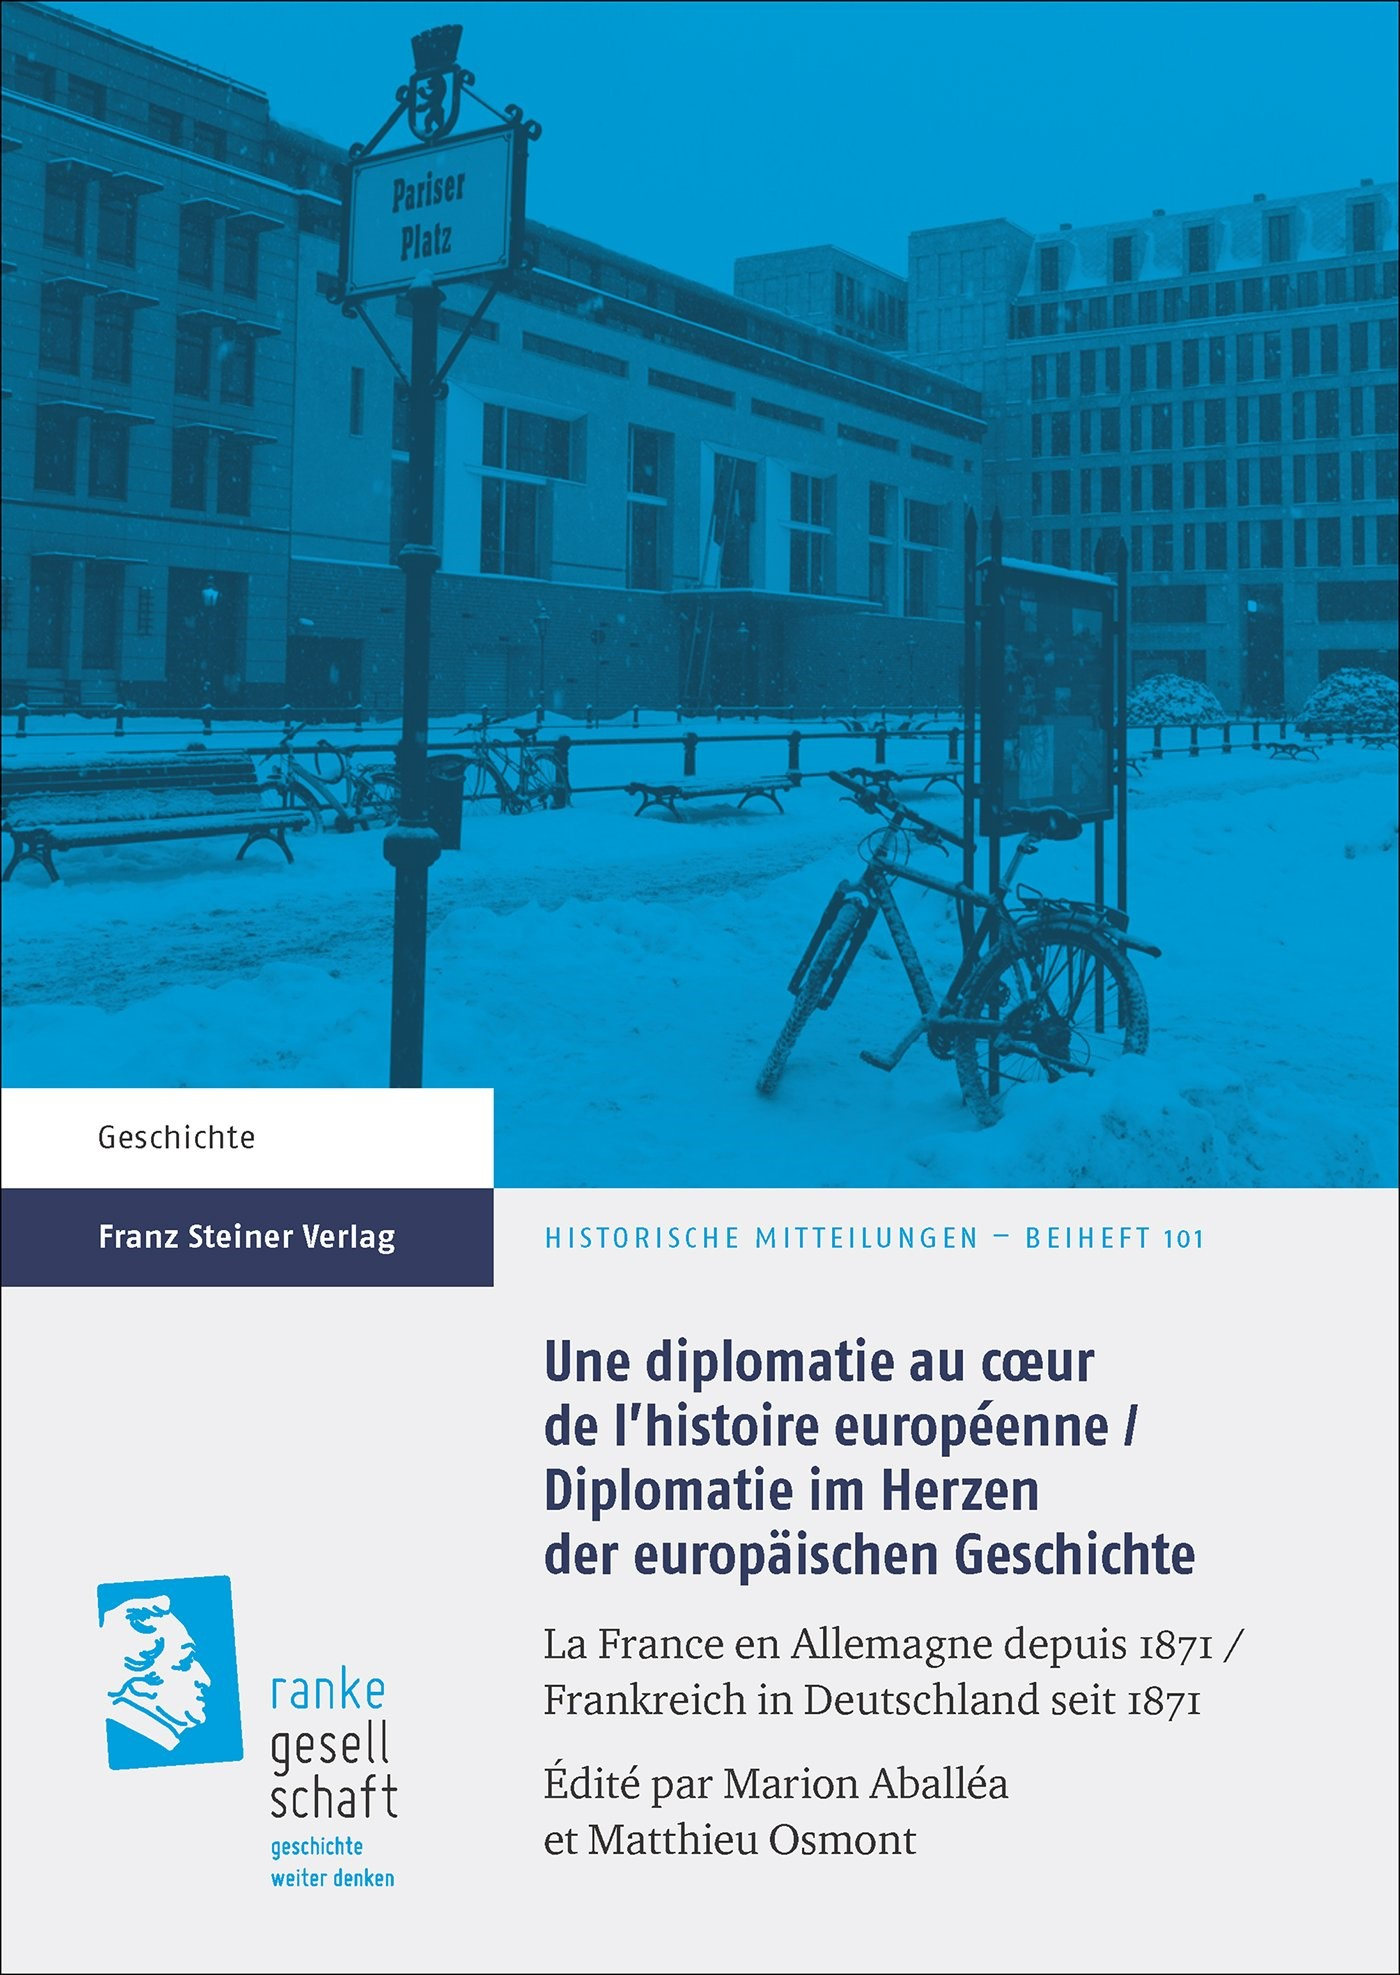 Une diplomatie au cœur de l'histoire européenne / Diplomatie im Herzen der europäischen Geschichte | Aballéa / Osmont, 2017 | Buch (Cover)